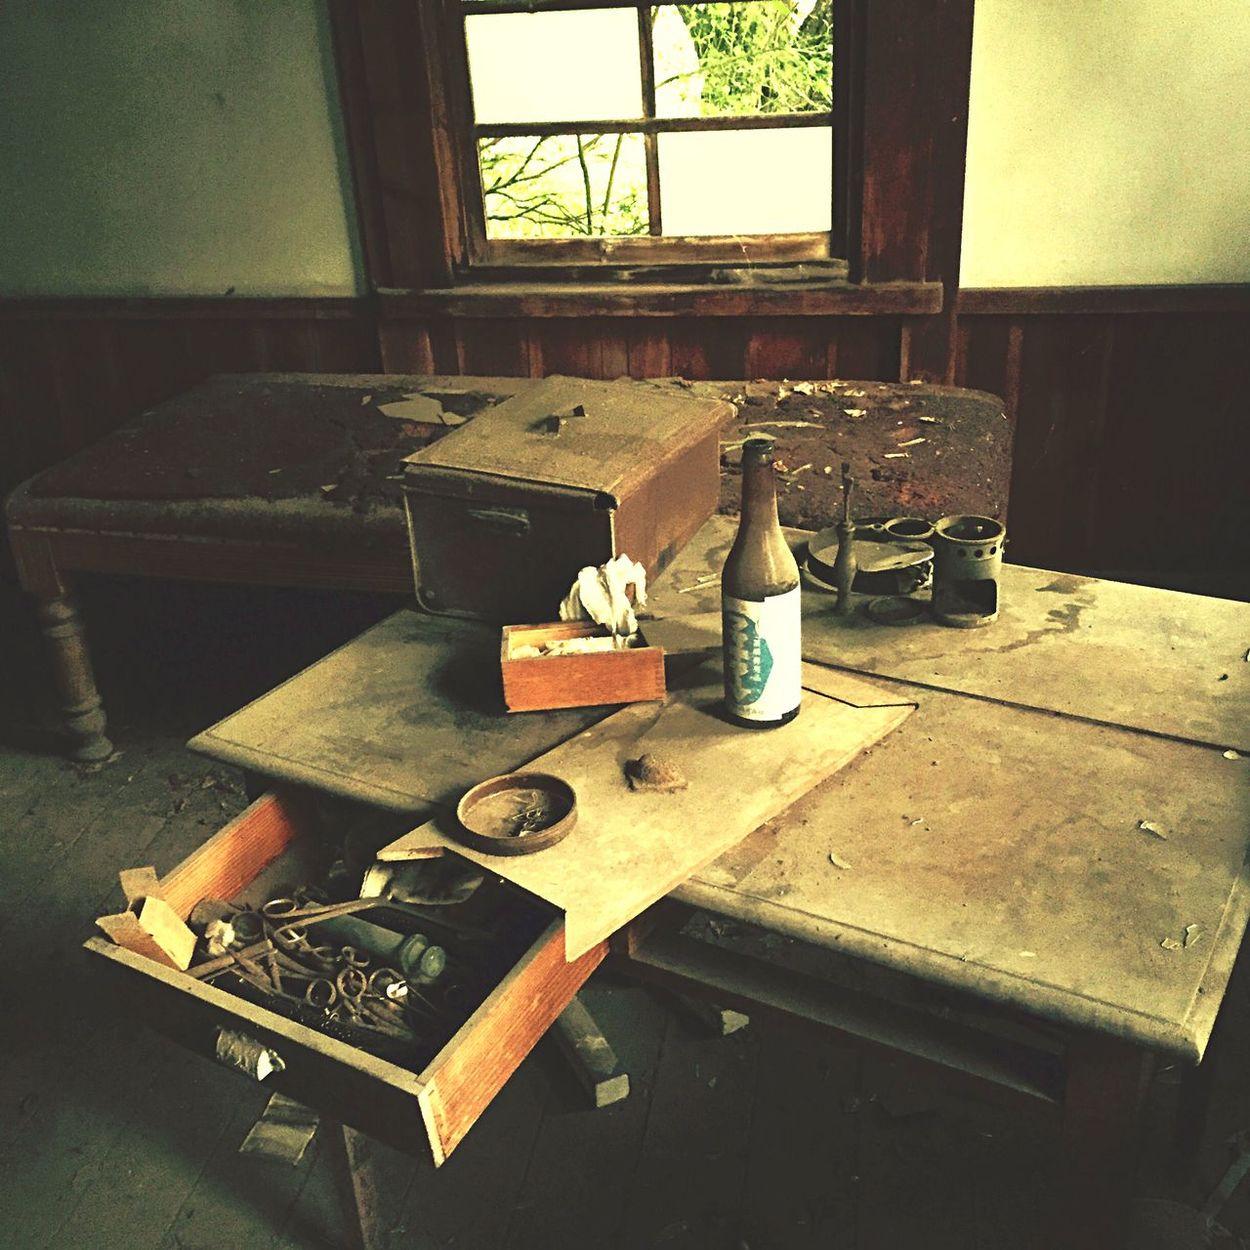 診察室/a consultation room 廃墟 Abandoned Places Abandonedplace Abandon_seekers Ruins DREAMDUST Emo